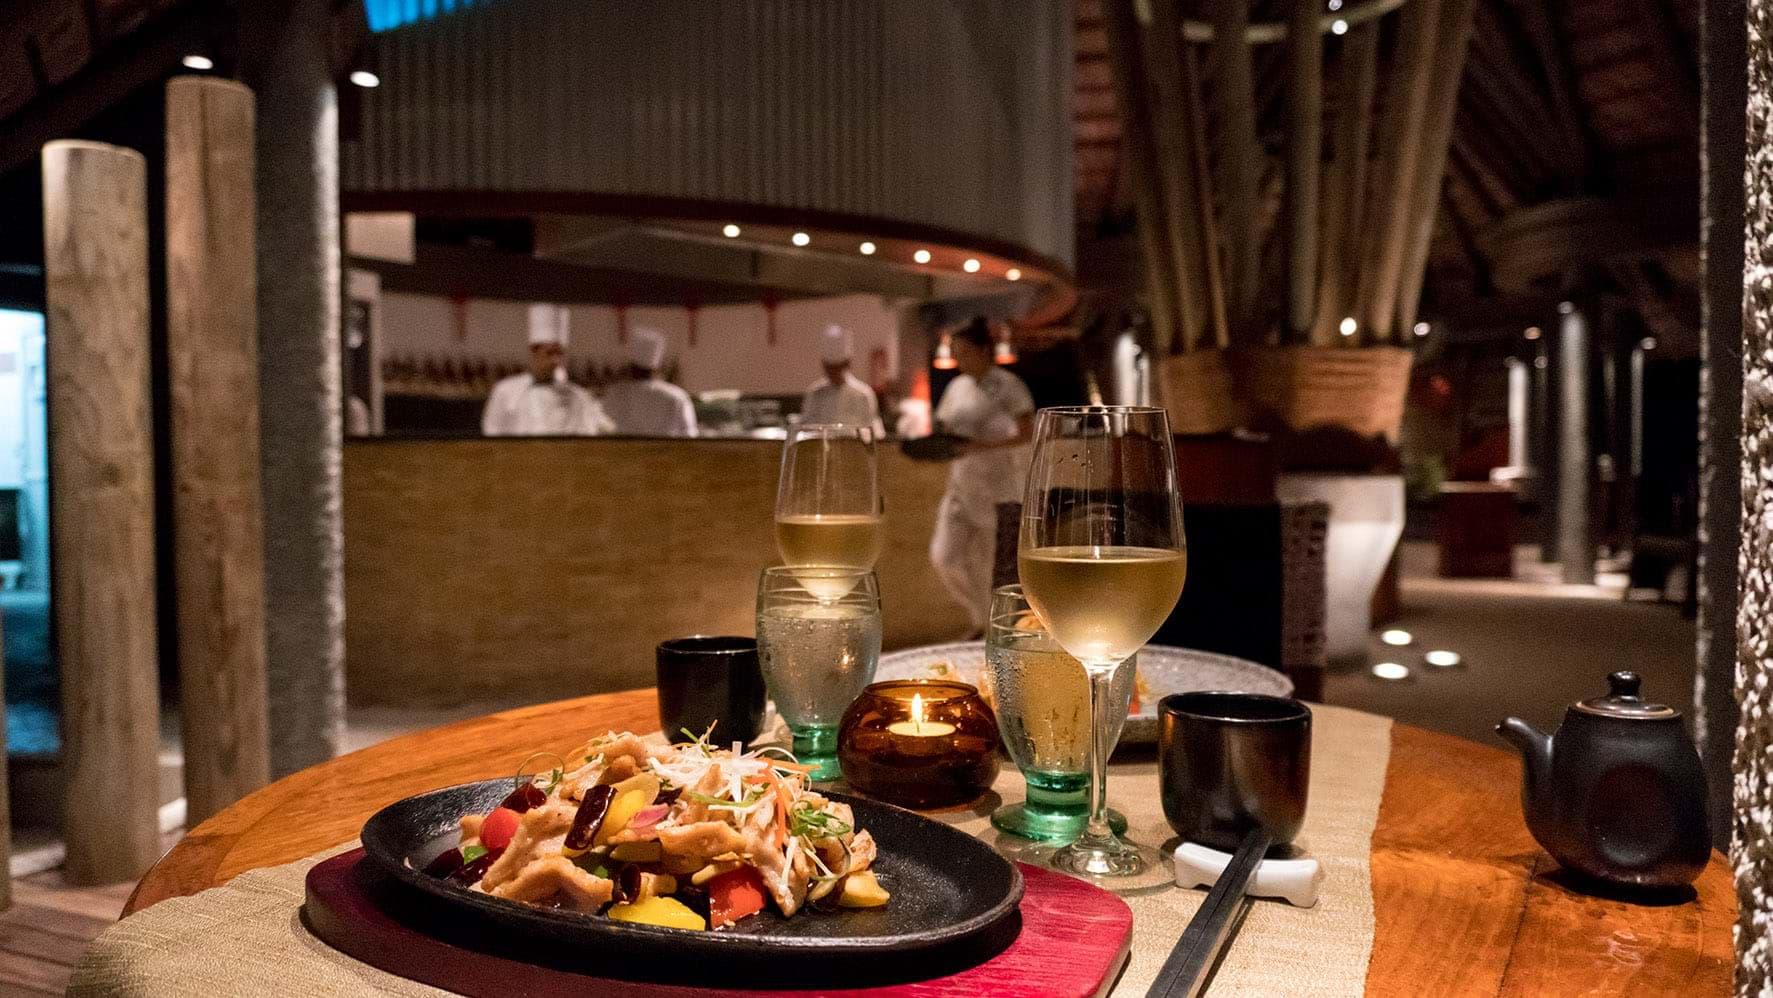 Degustar una gastronomía cinco estrellas en Seychelles en el Restaurante Adam and Eve de Constance Ephelia. Una experiencia única